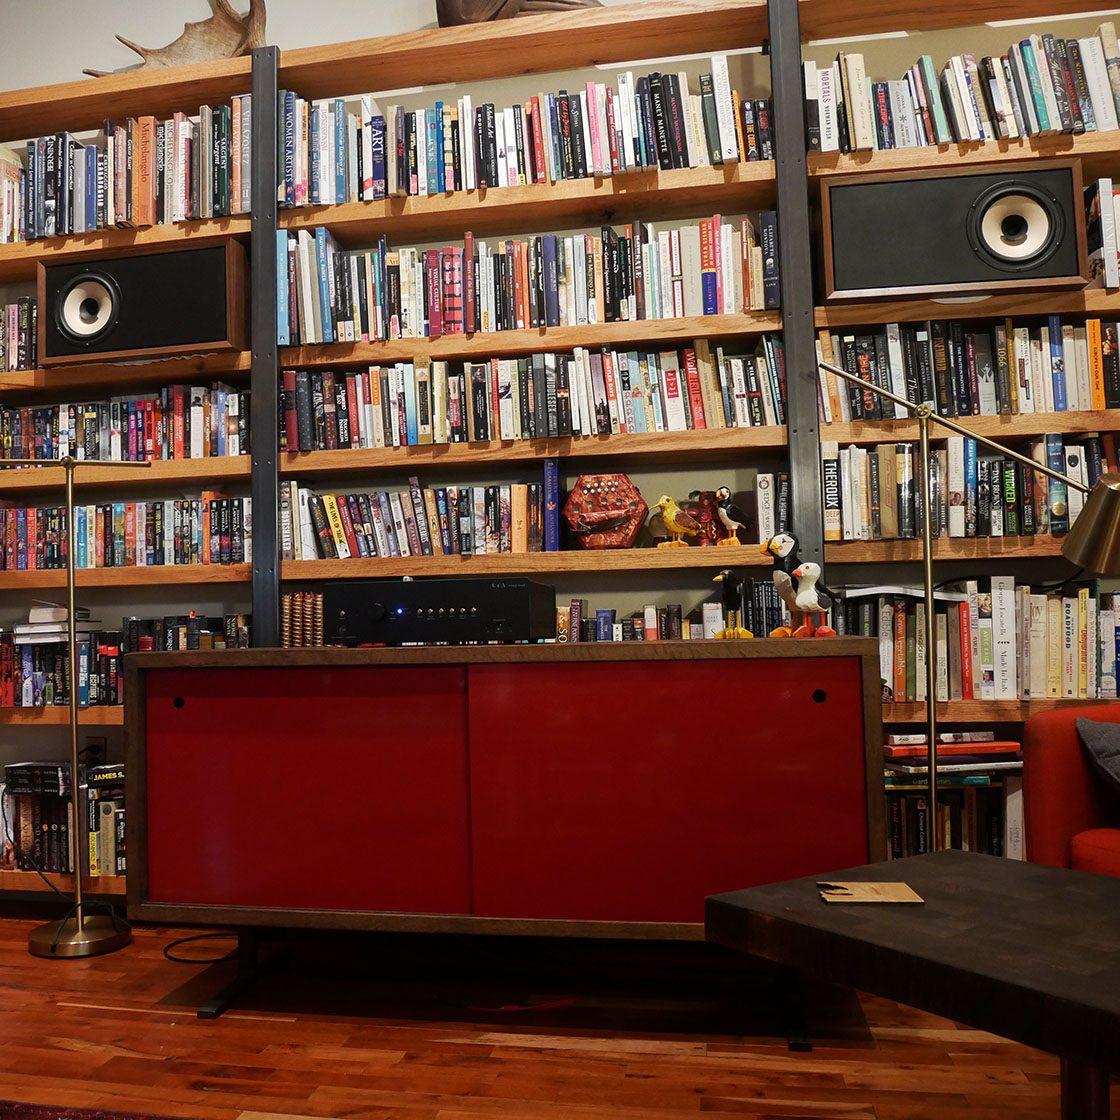 Ravens-Bookshelf-006.jpg